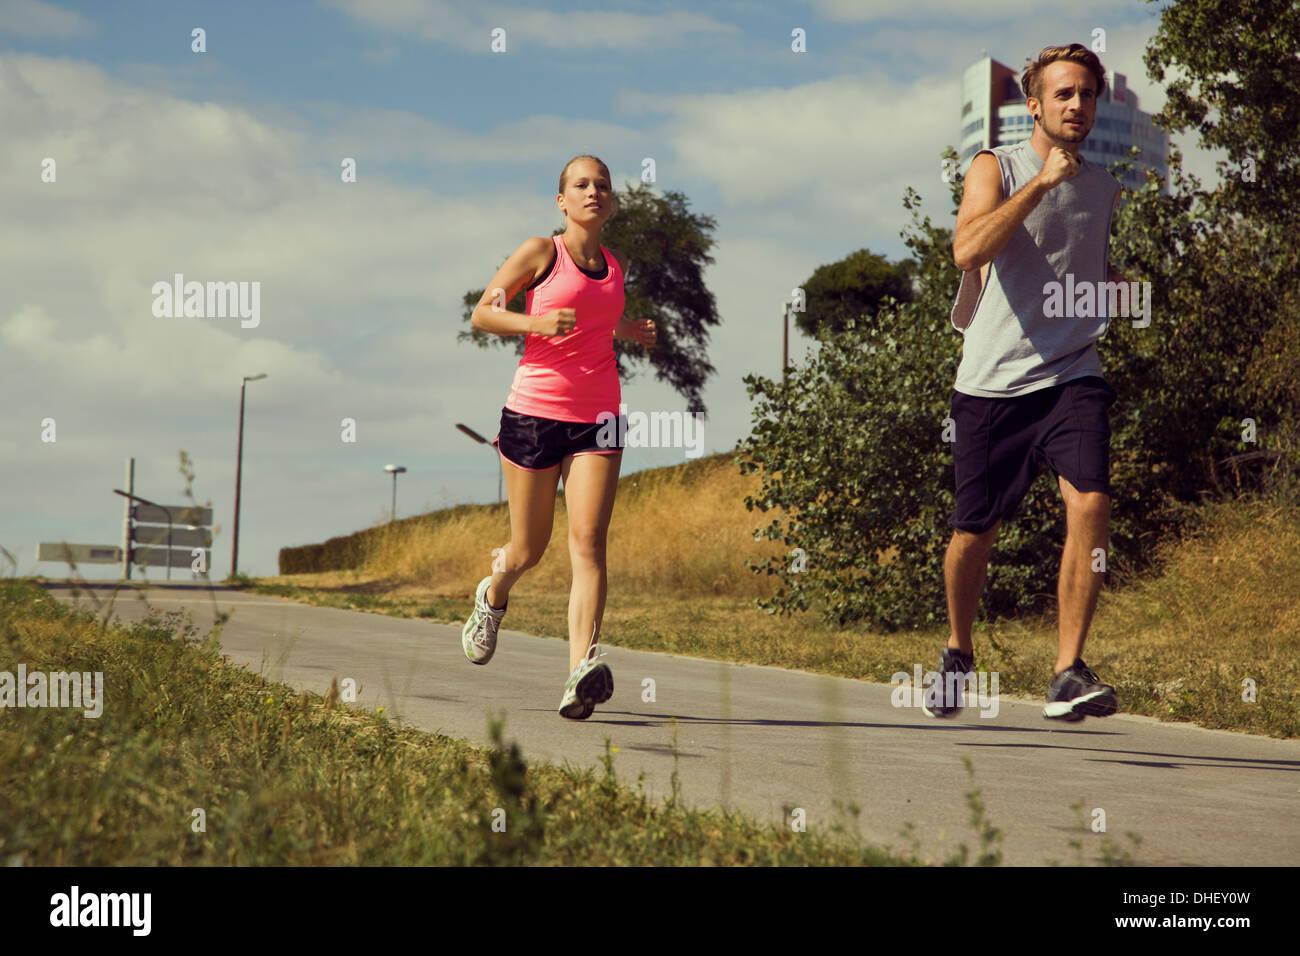 Coppia giovane jogging giù percorso urbano Immagini Stock